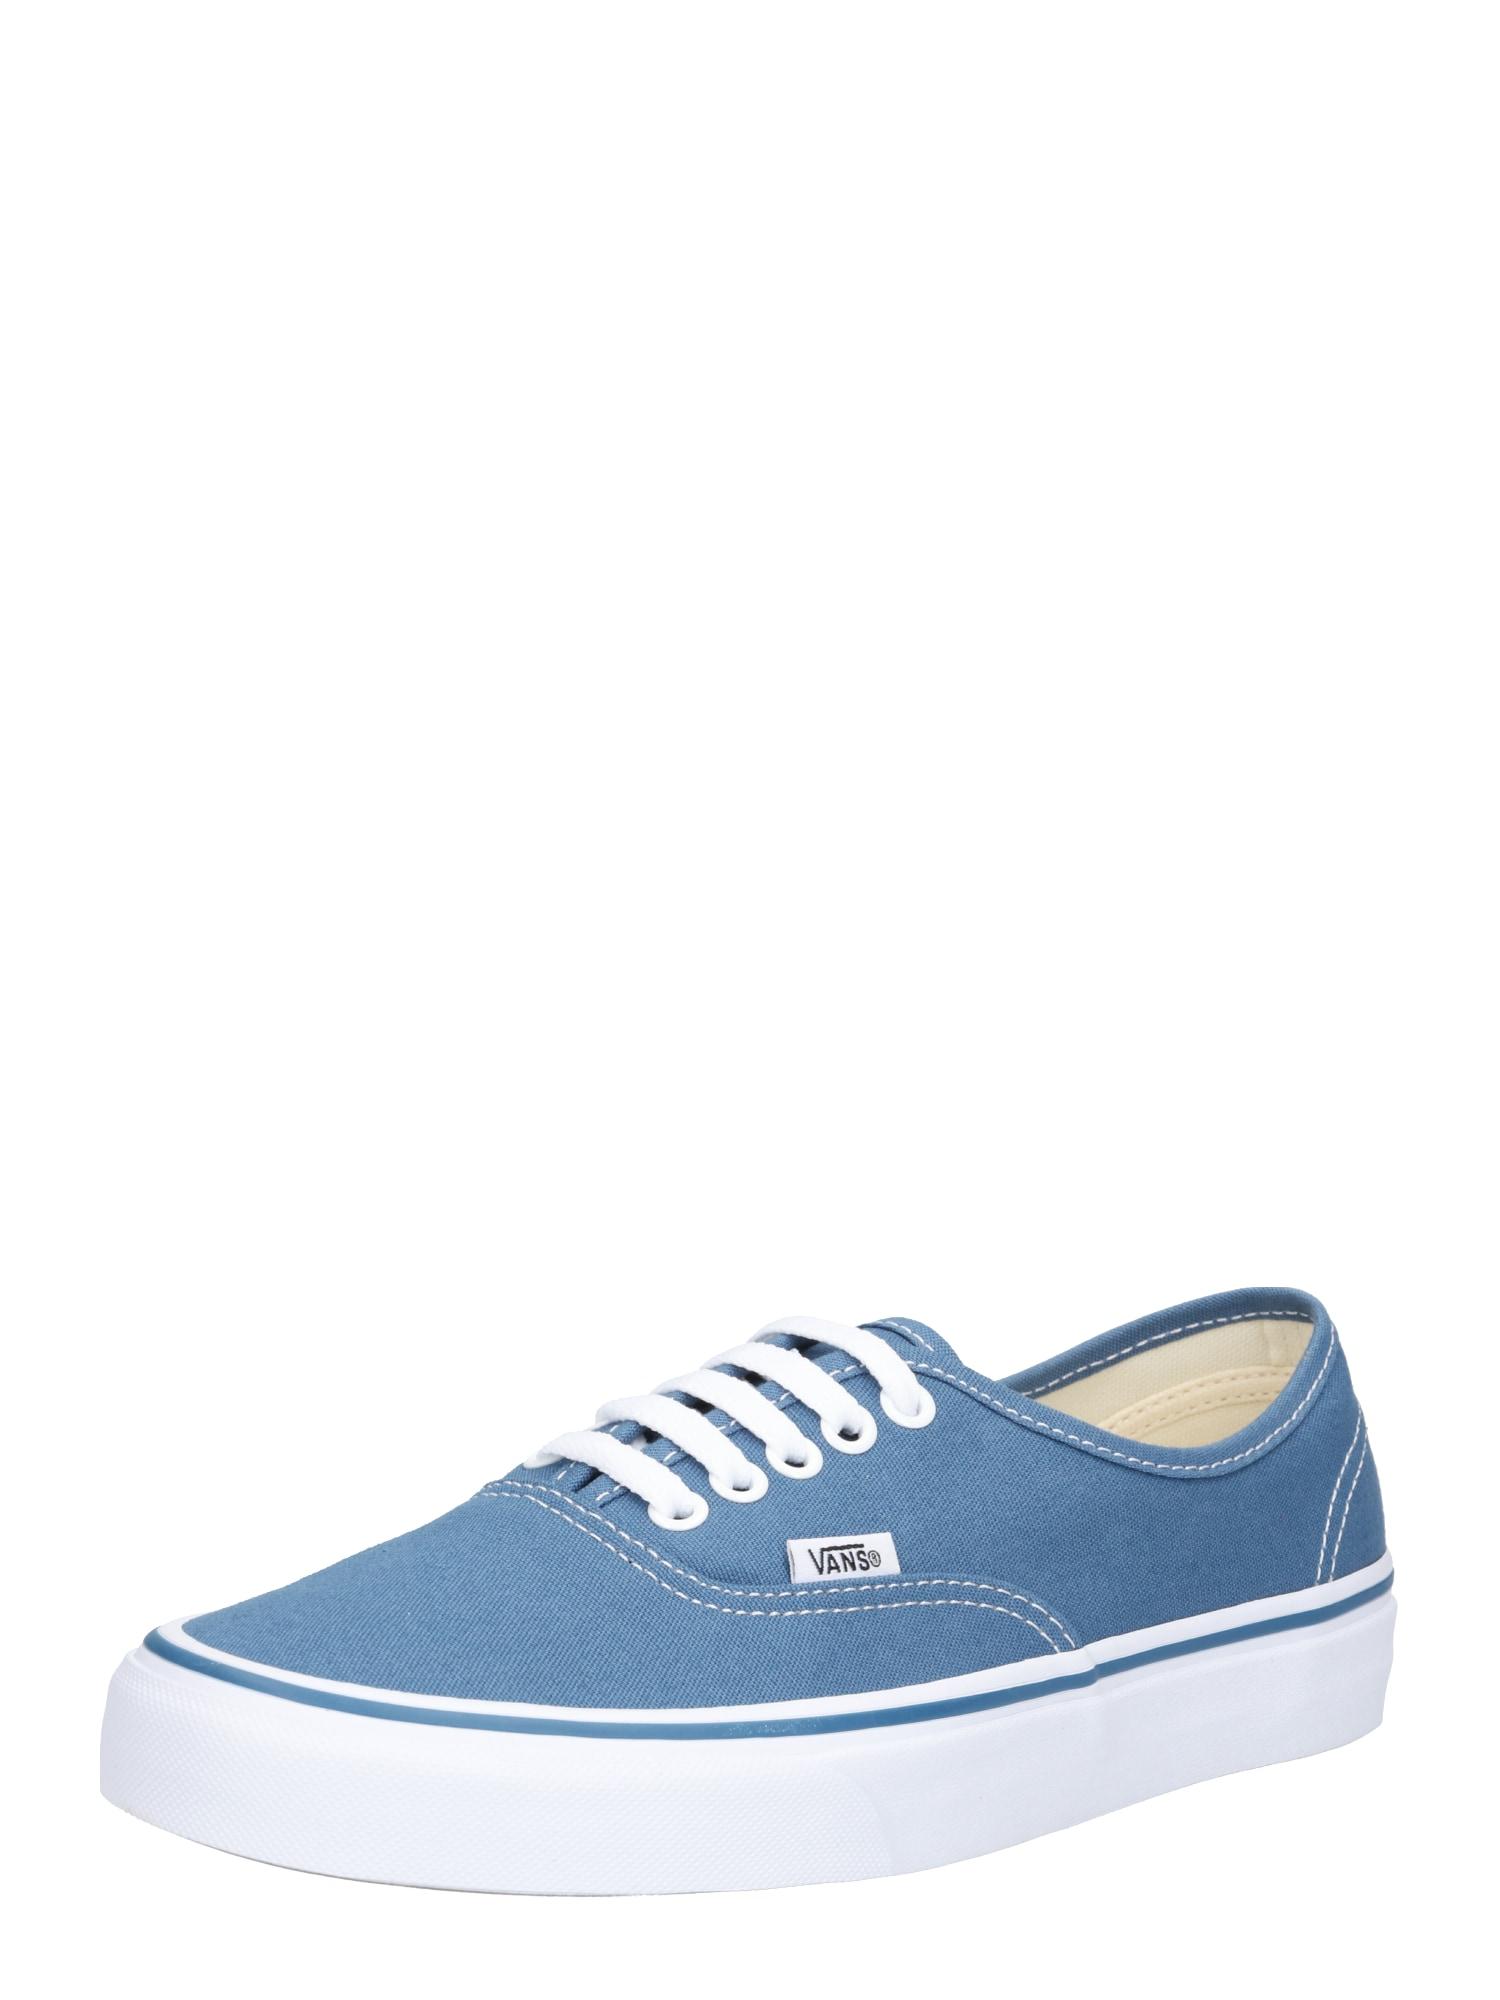 Tenisky Authentic námořnická modř VANS